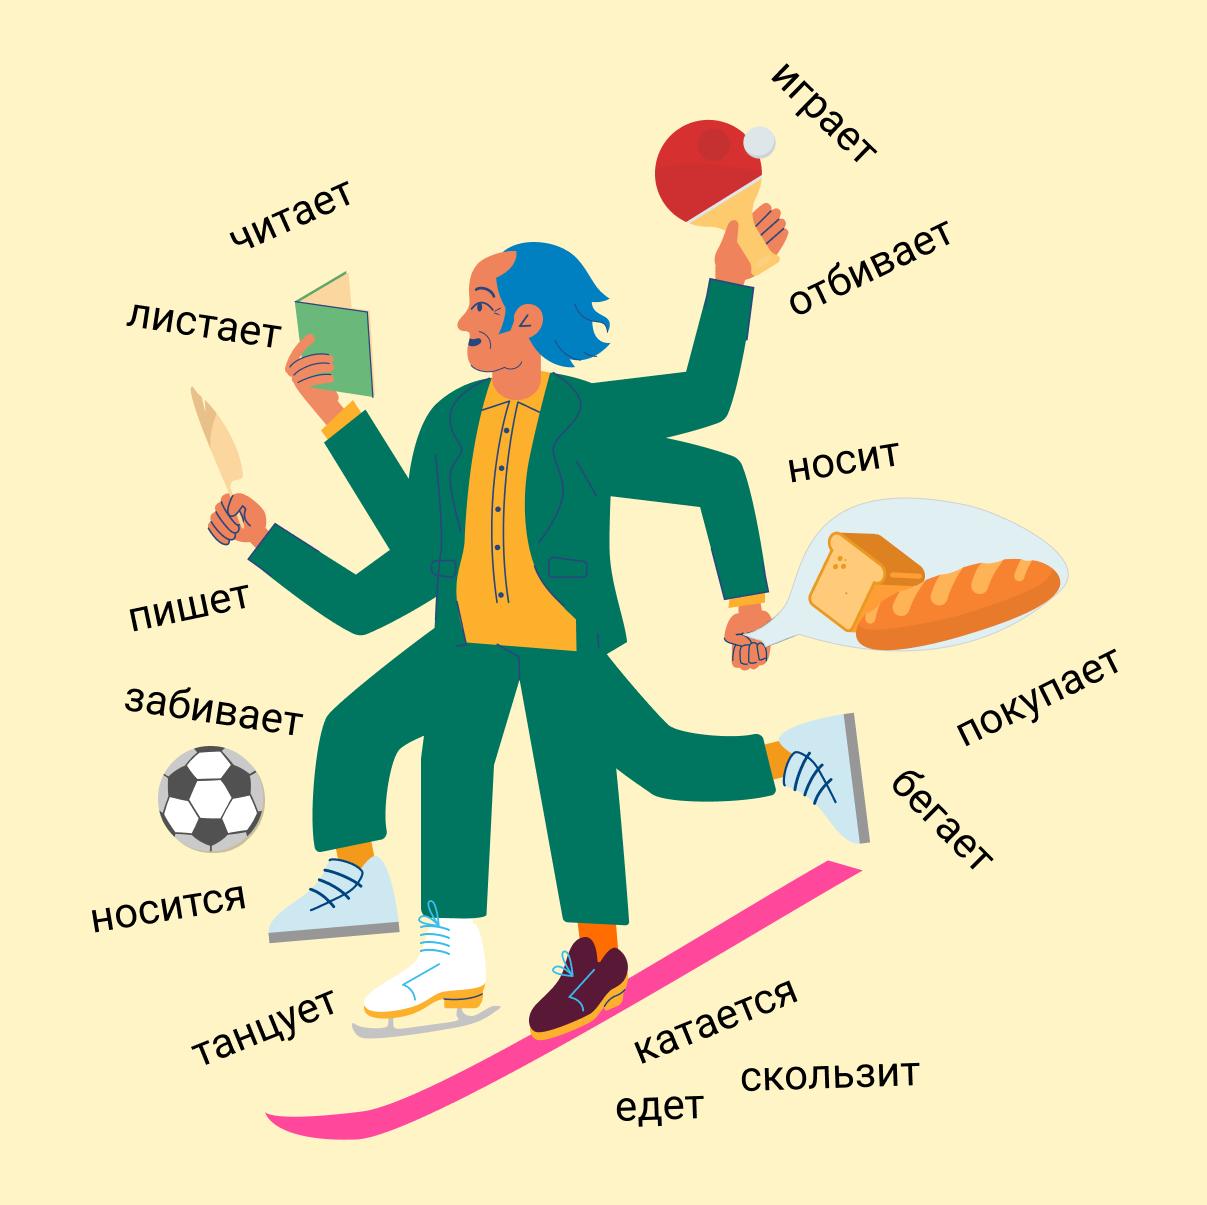 глаголы в русском языке